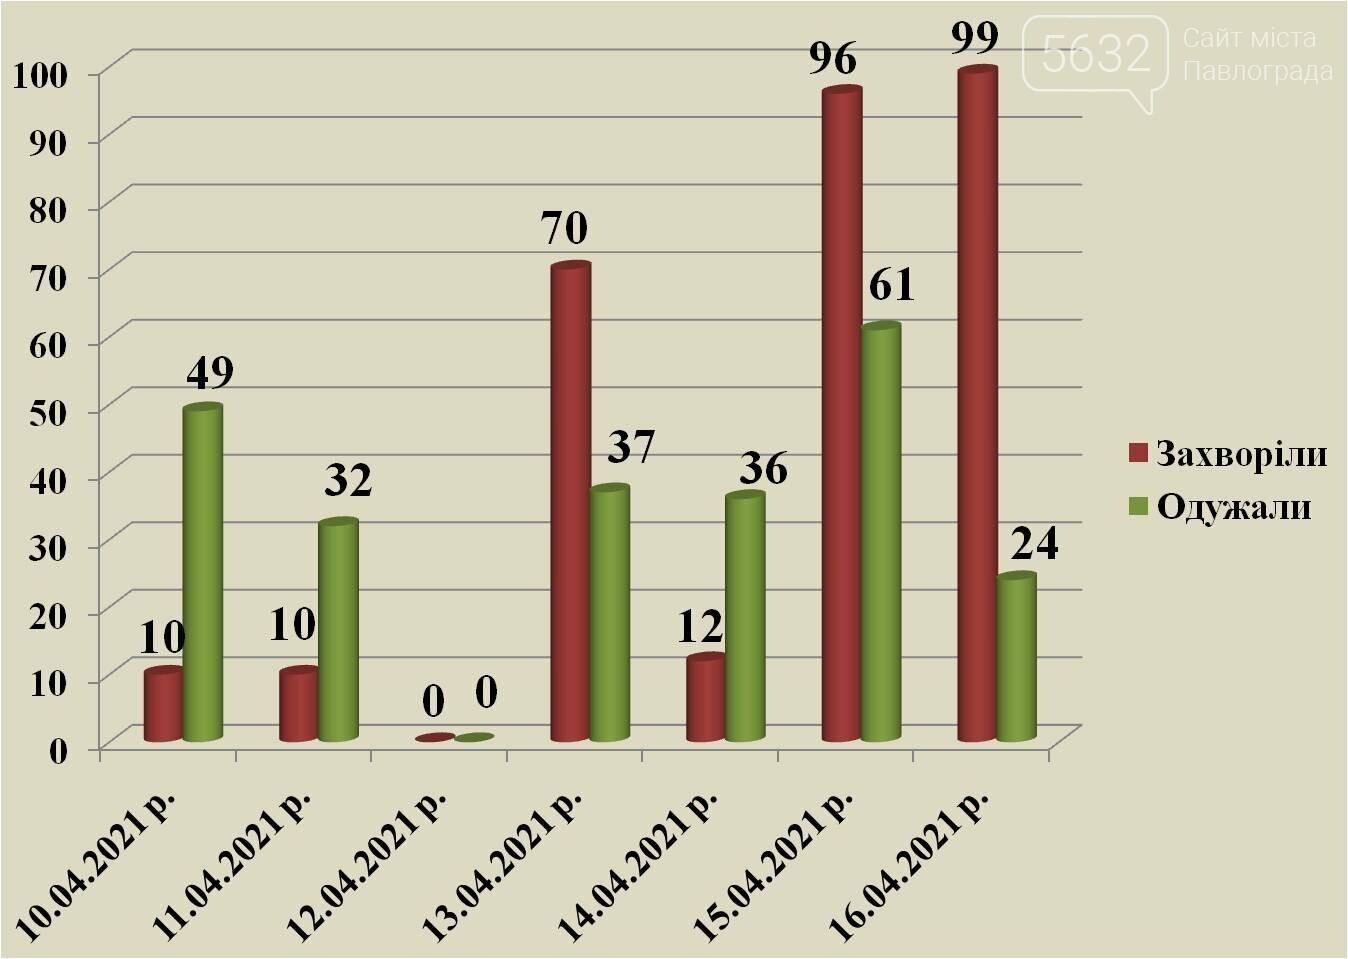 Почти сотня новых случаев и ещё одна смерть: коронавирусная статистика по Павлограду за сутки, фото-1